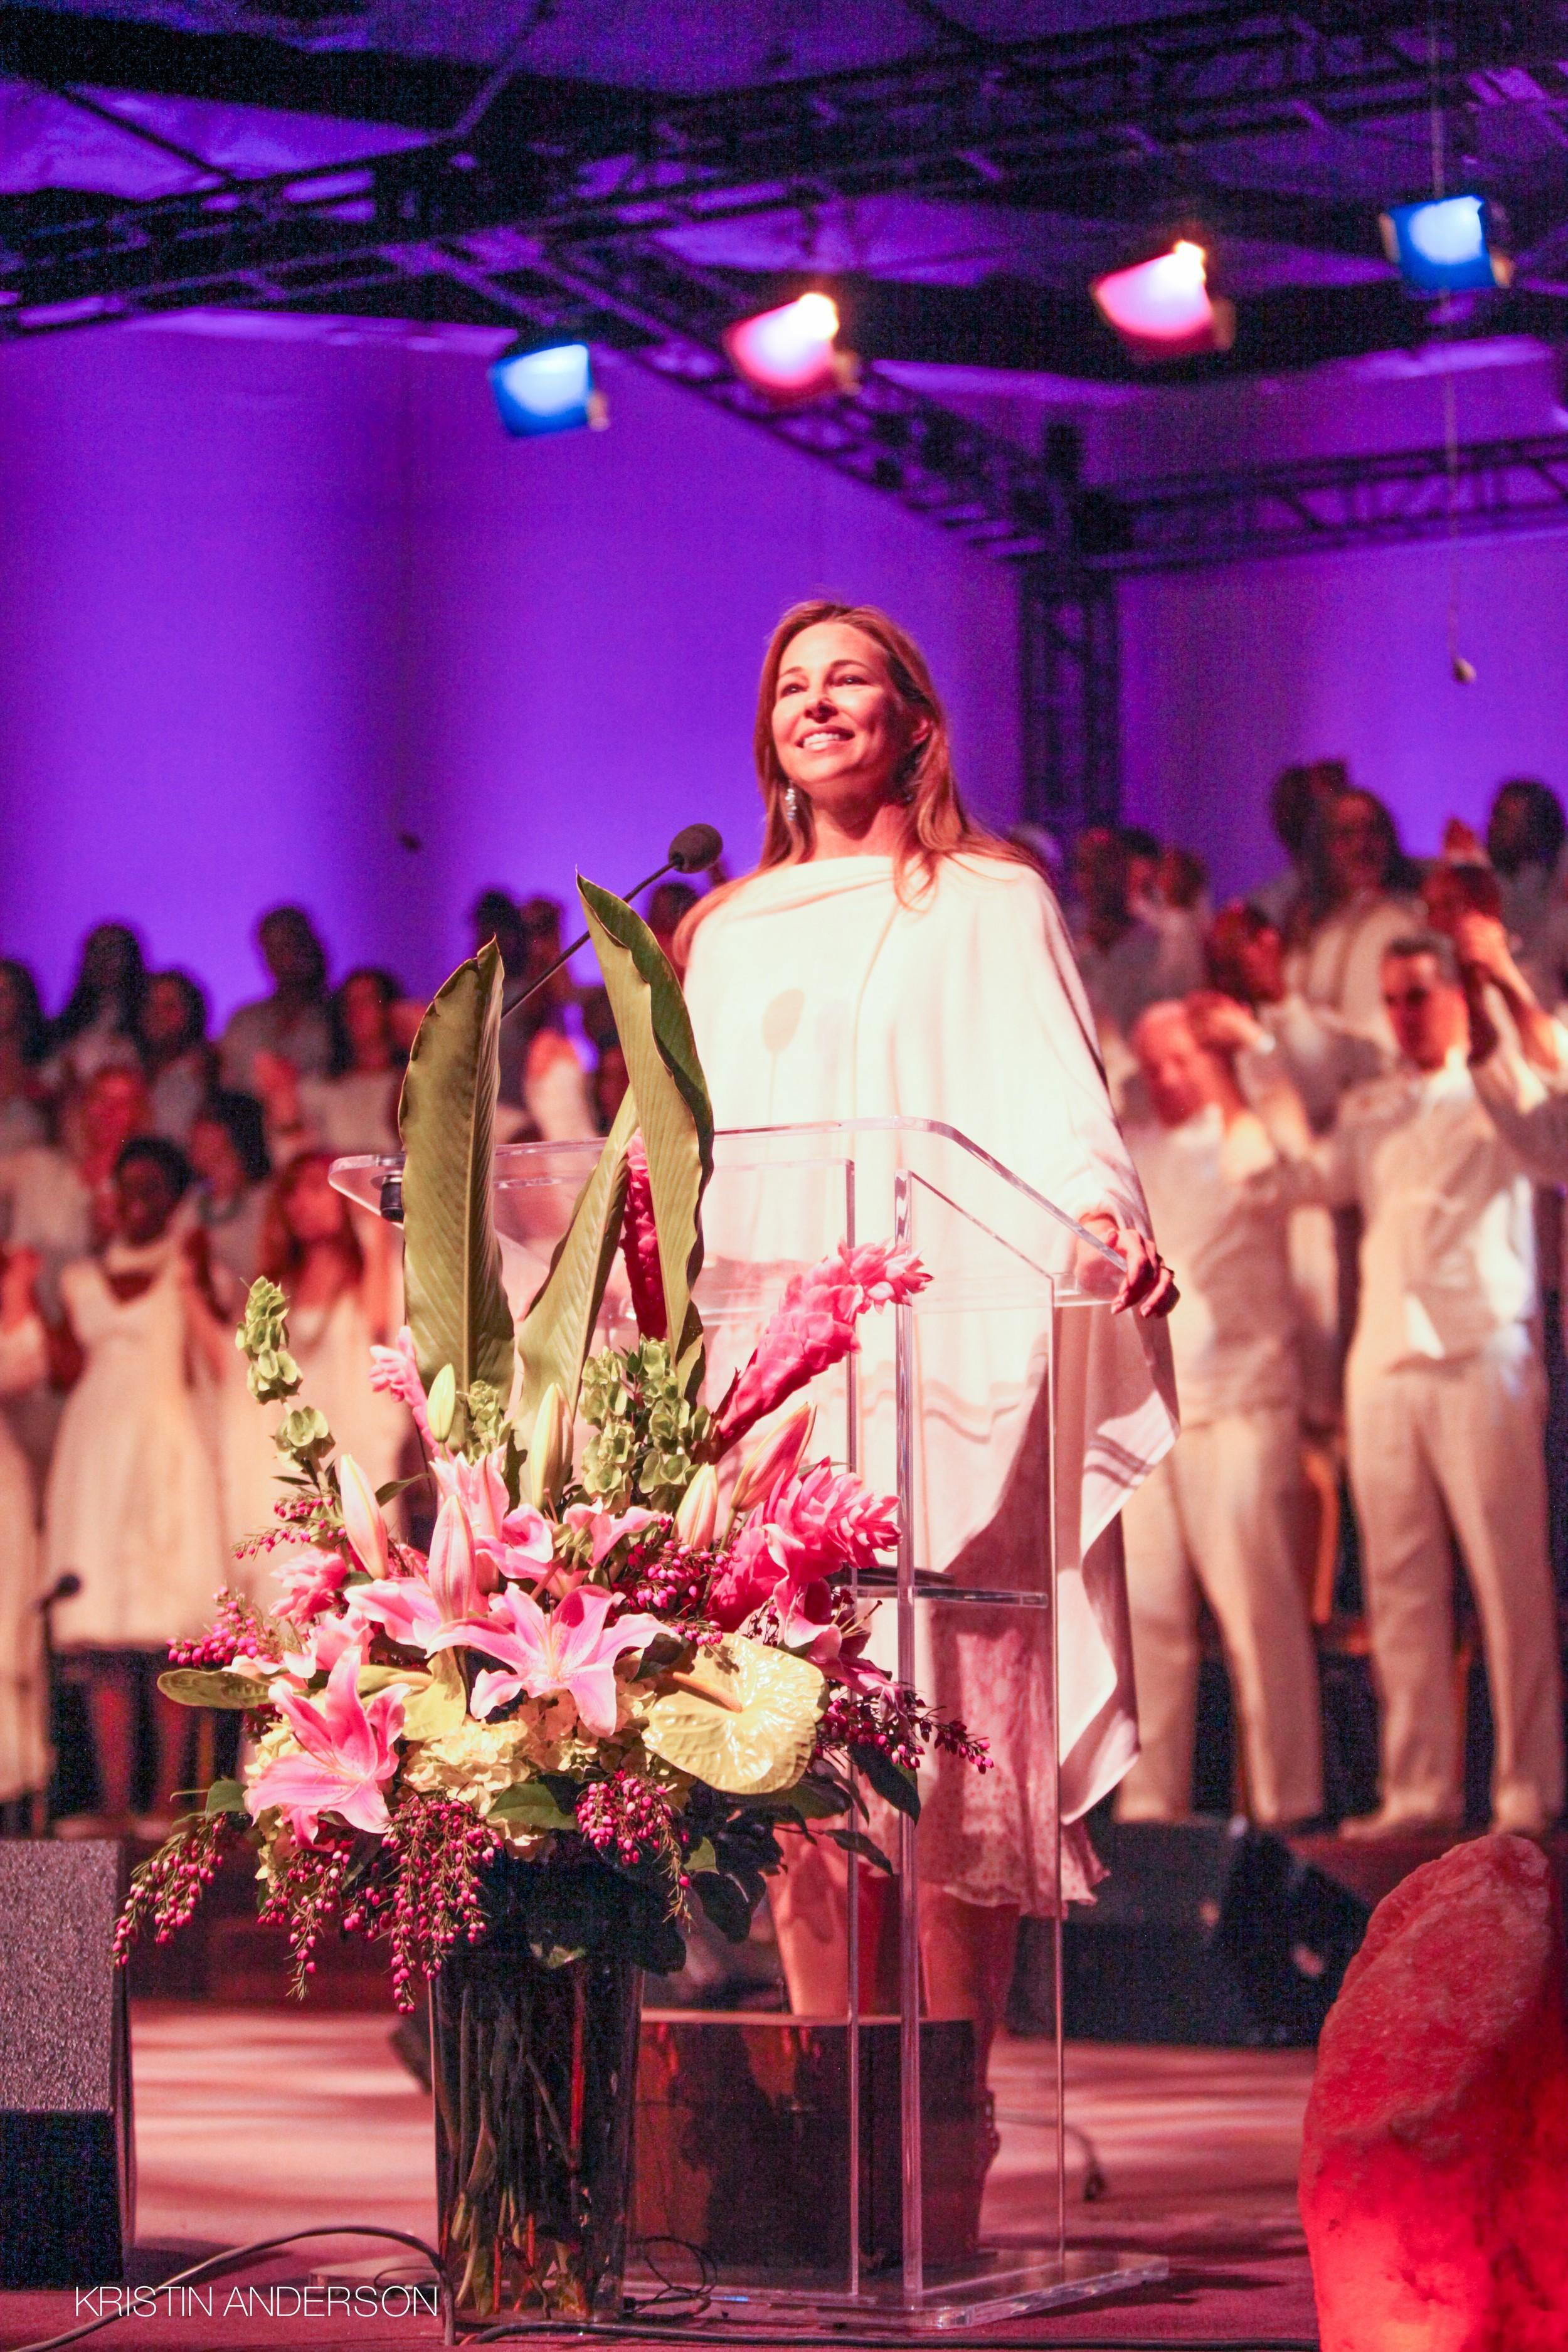 Julie podium.jpg